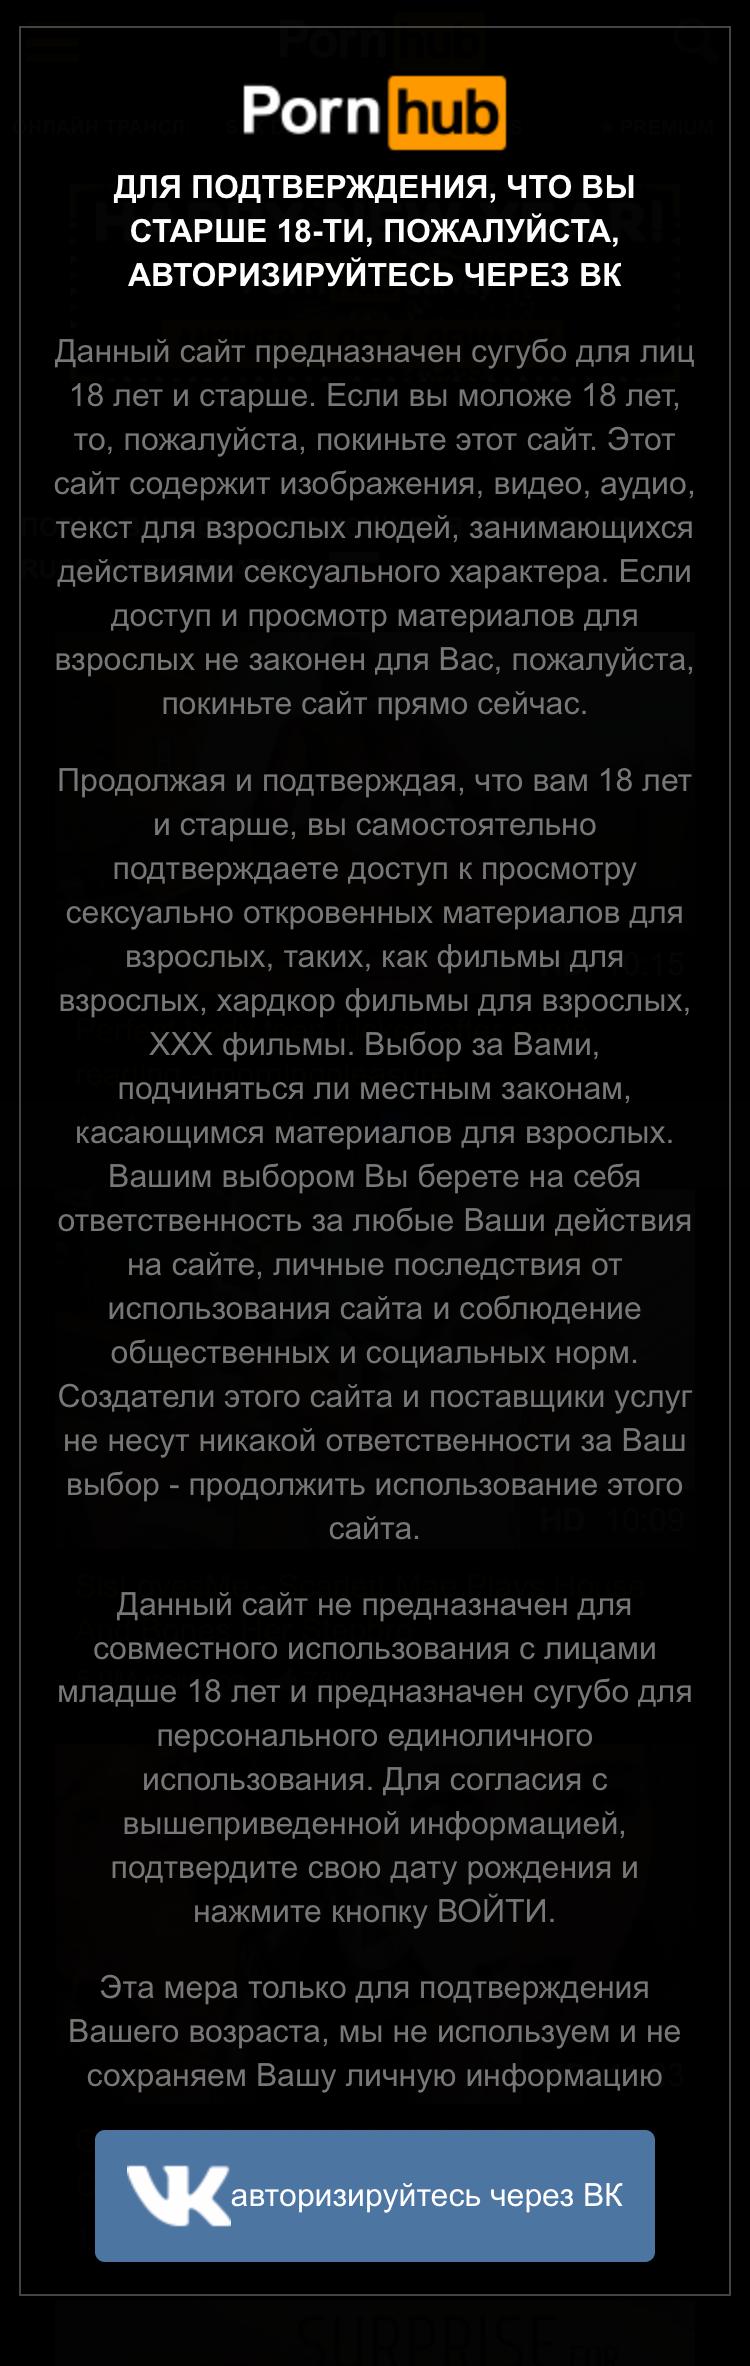 Для доступа на сайт нужно авторизоваться через Вконтакте. Это способ подтвердить, что вам есть 18 лет